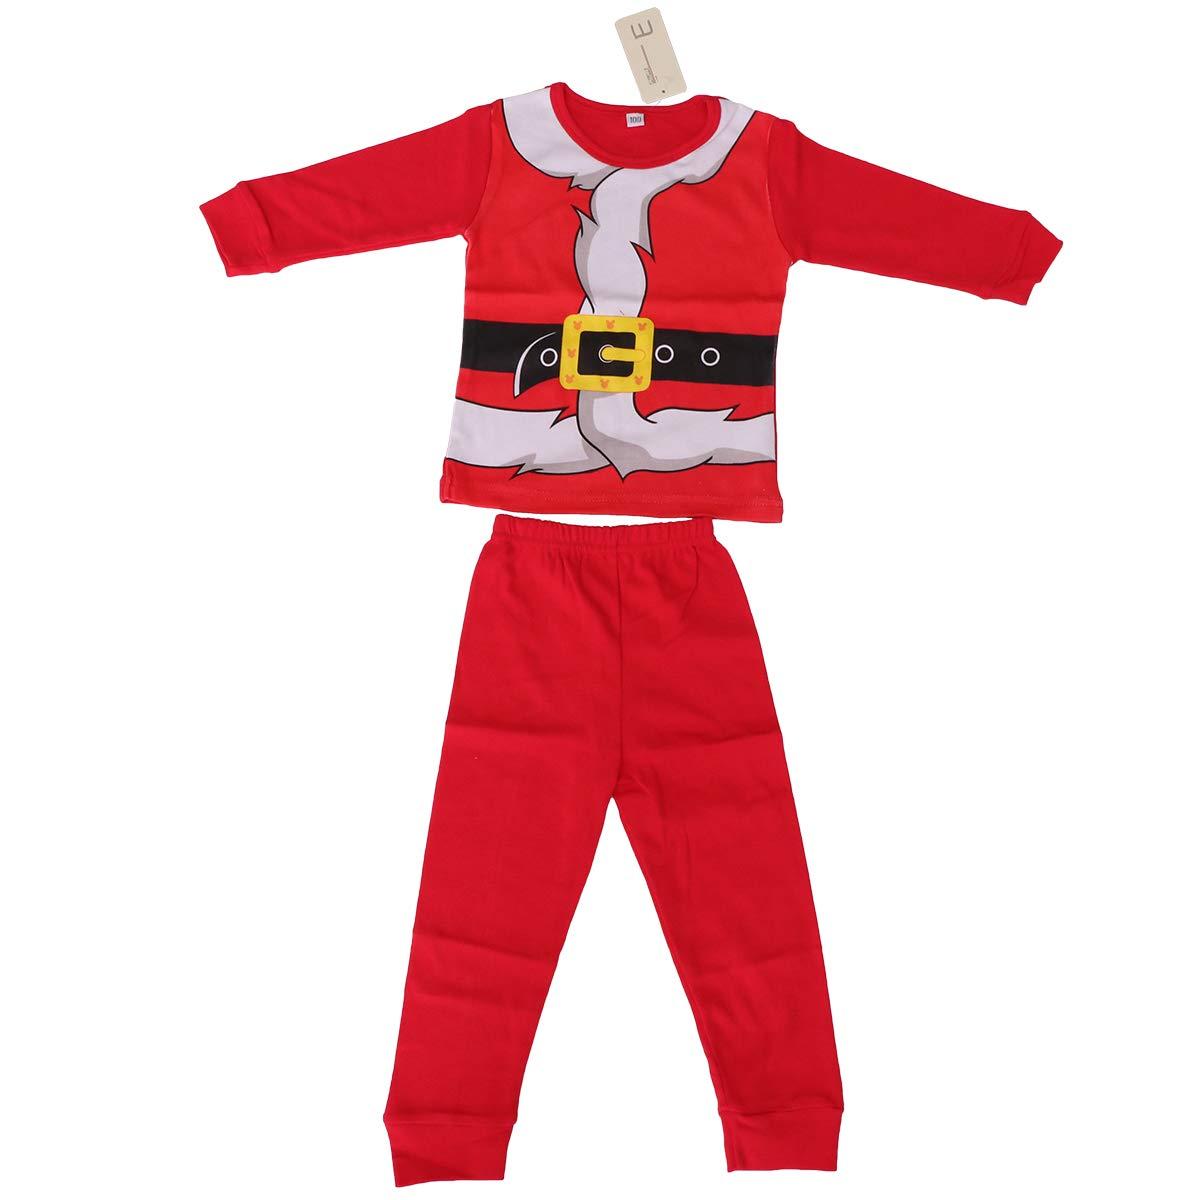 BESTOYARD Ropa Papa Noel Disfraz Santa Claus para Infantil niños niñas Trajes de Navidad (Tamaño 80) I17K318I489EY